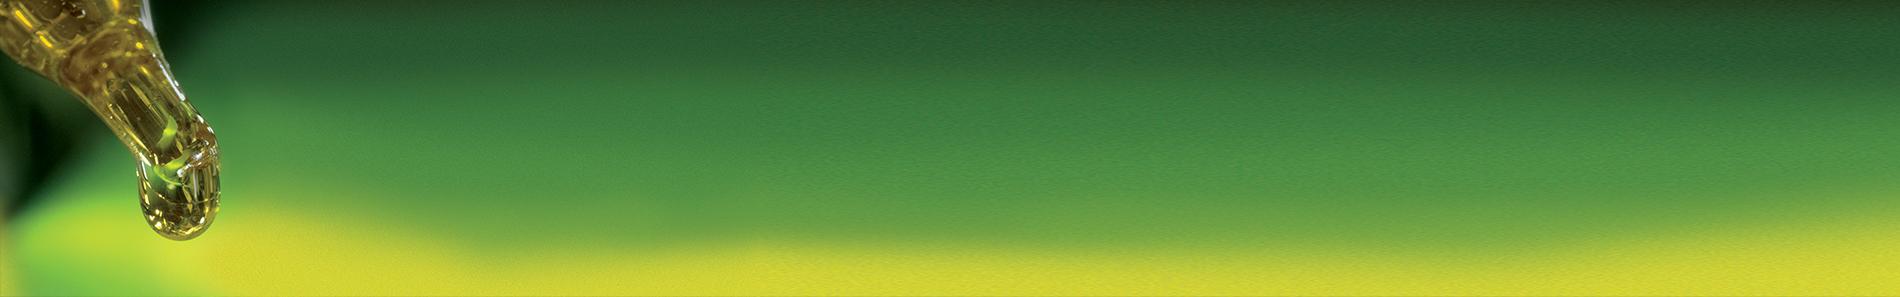 bandeau-chanvrierex1900x300-cosmetique